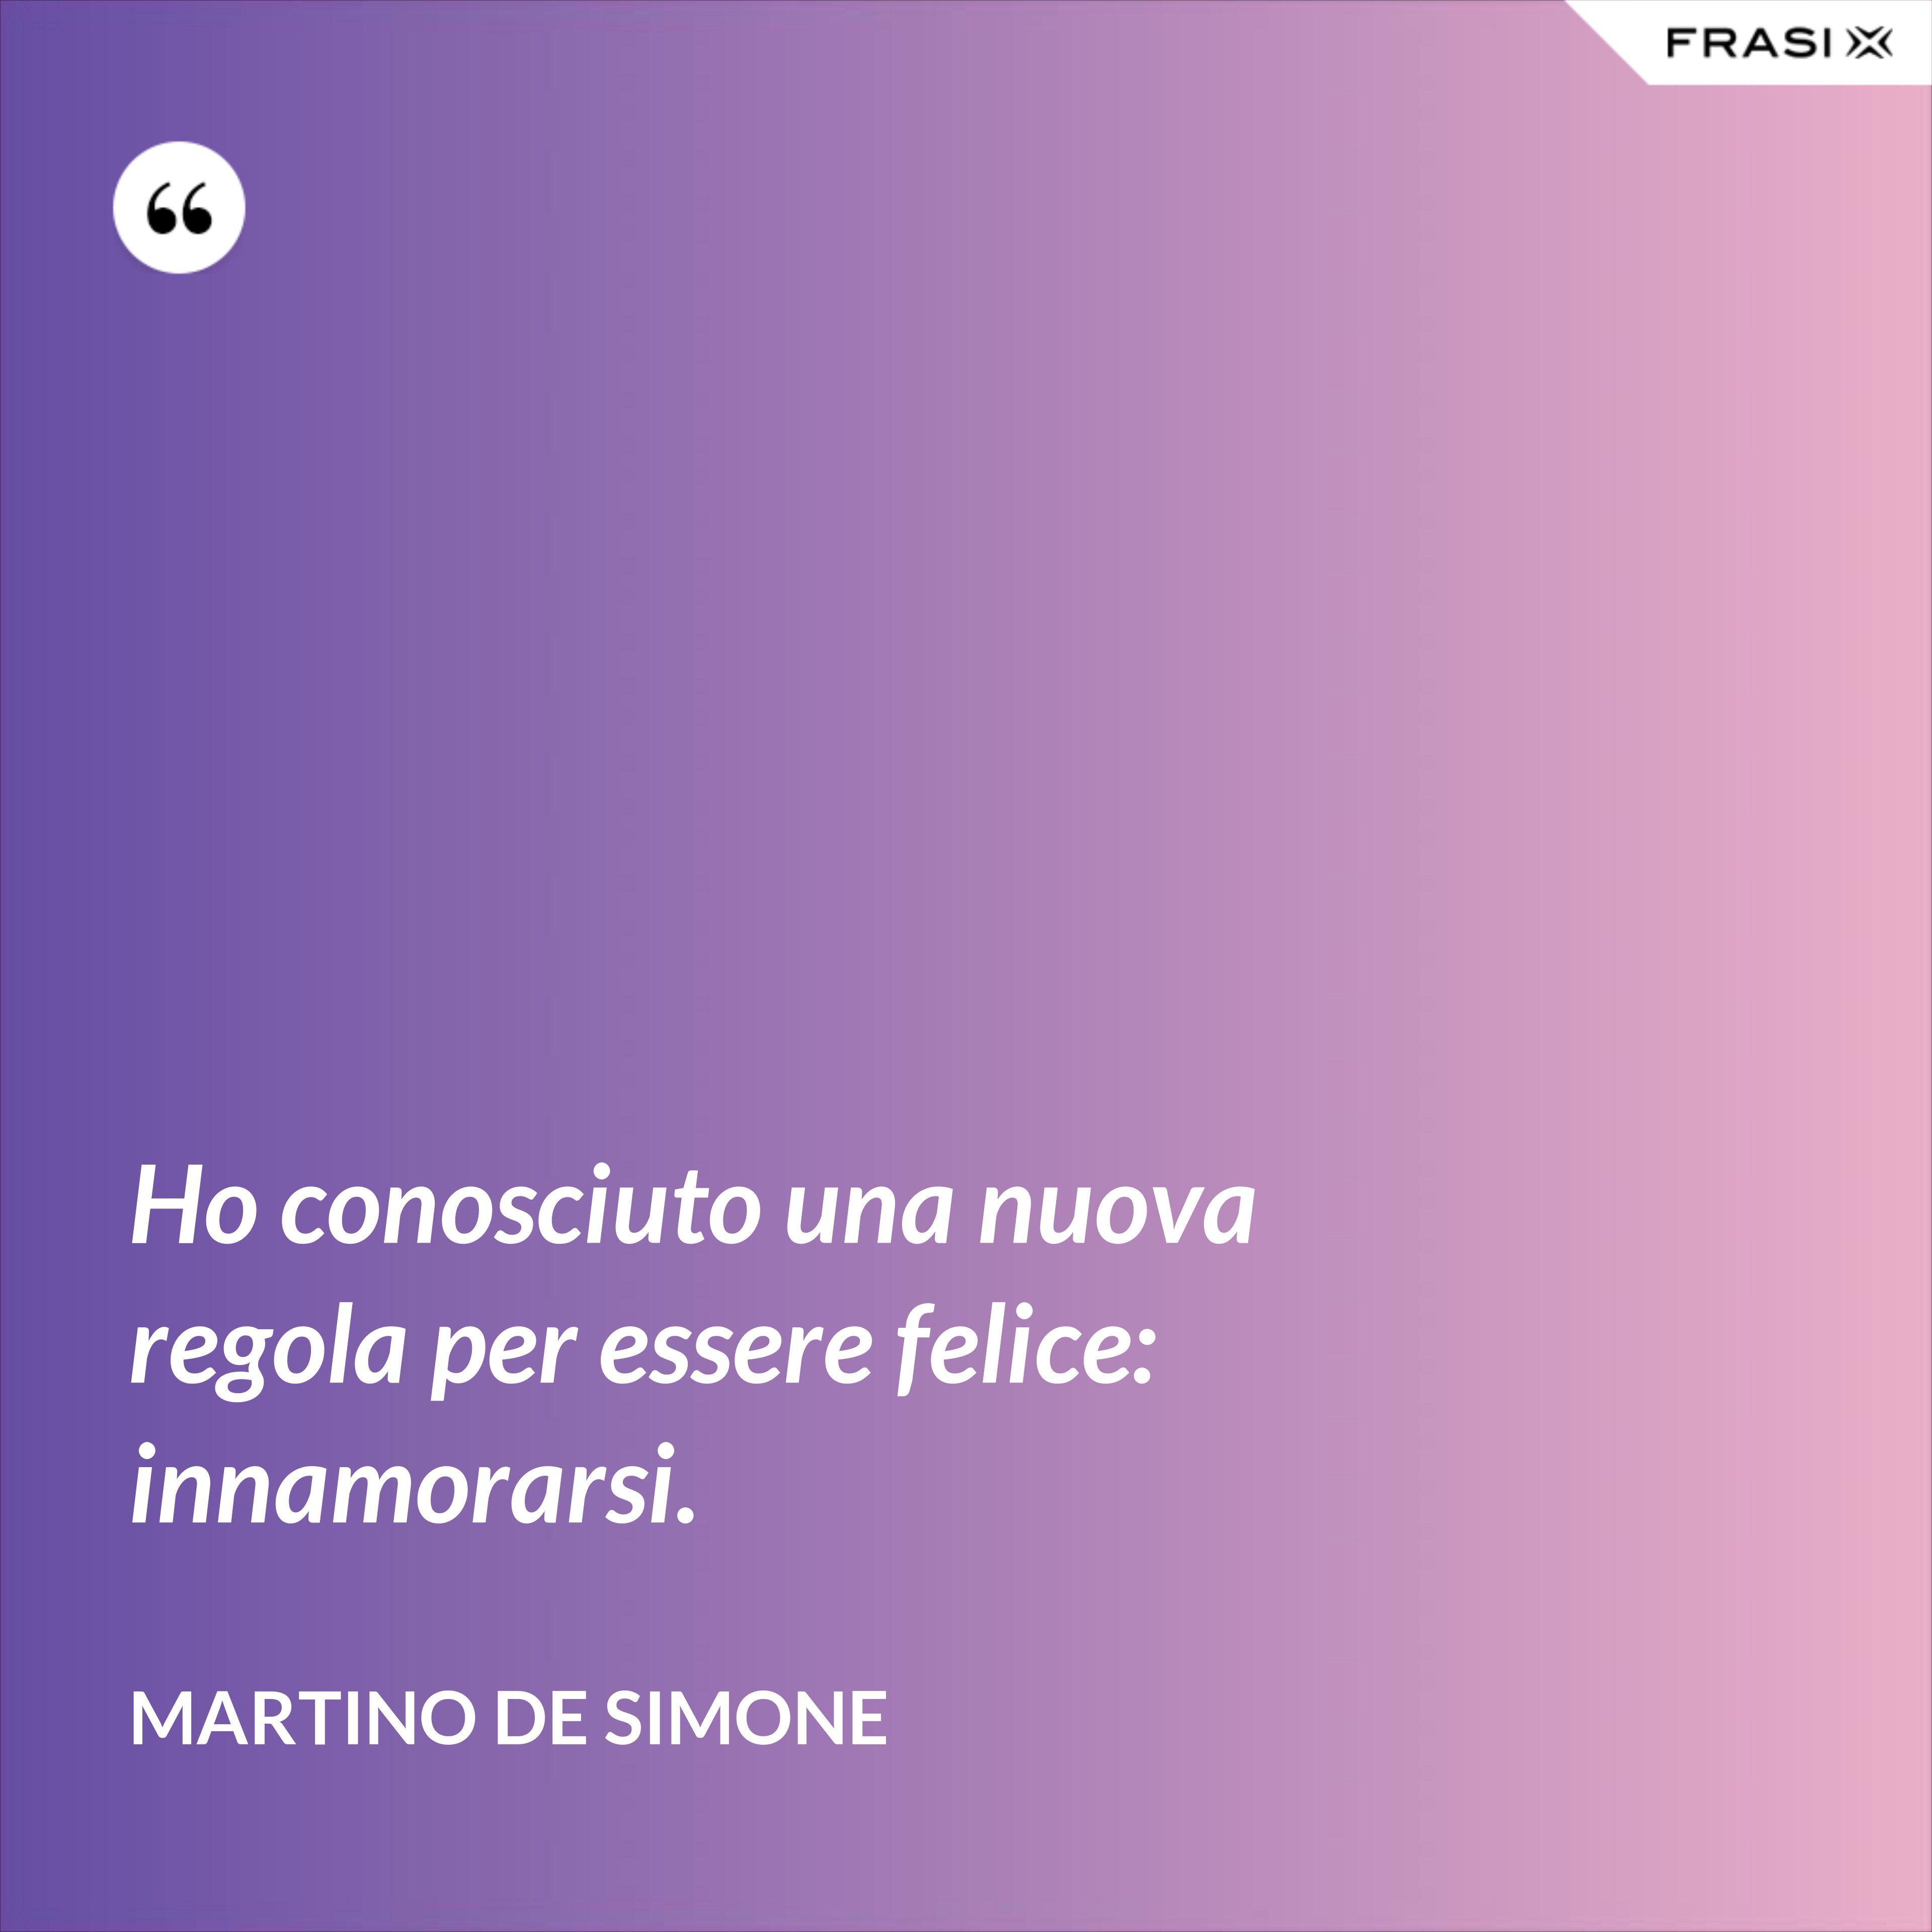 Ho conosciuto una nuova regola per essere felice: innamorarsi. - Martino De Simone